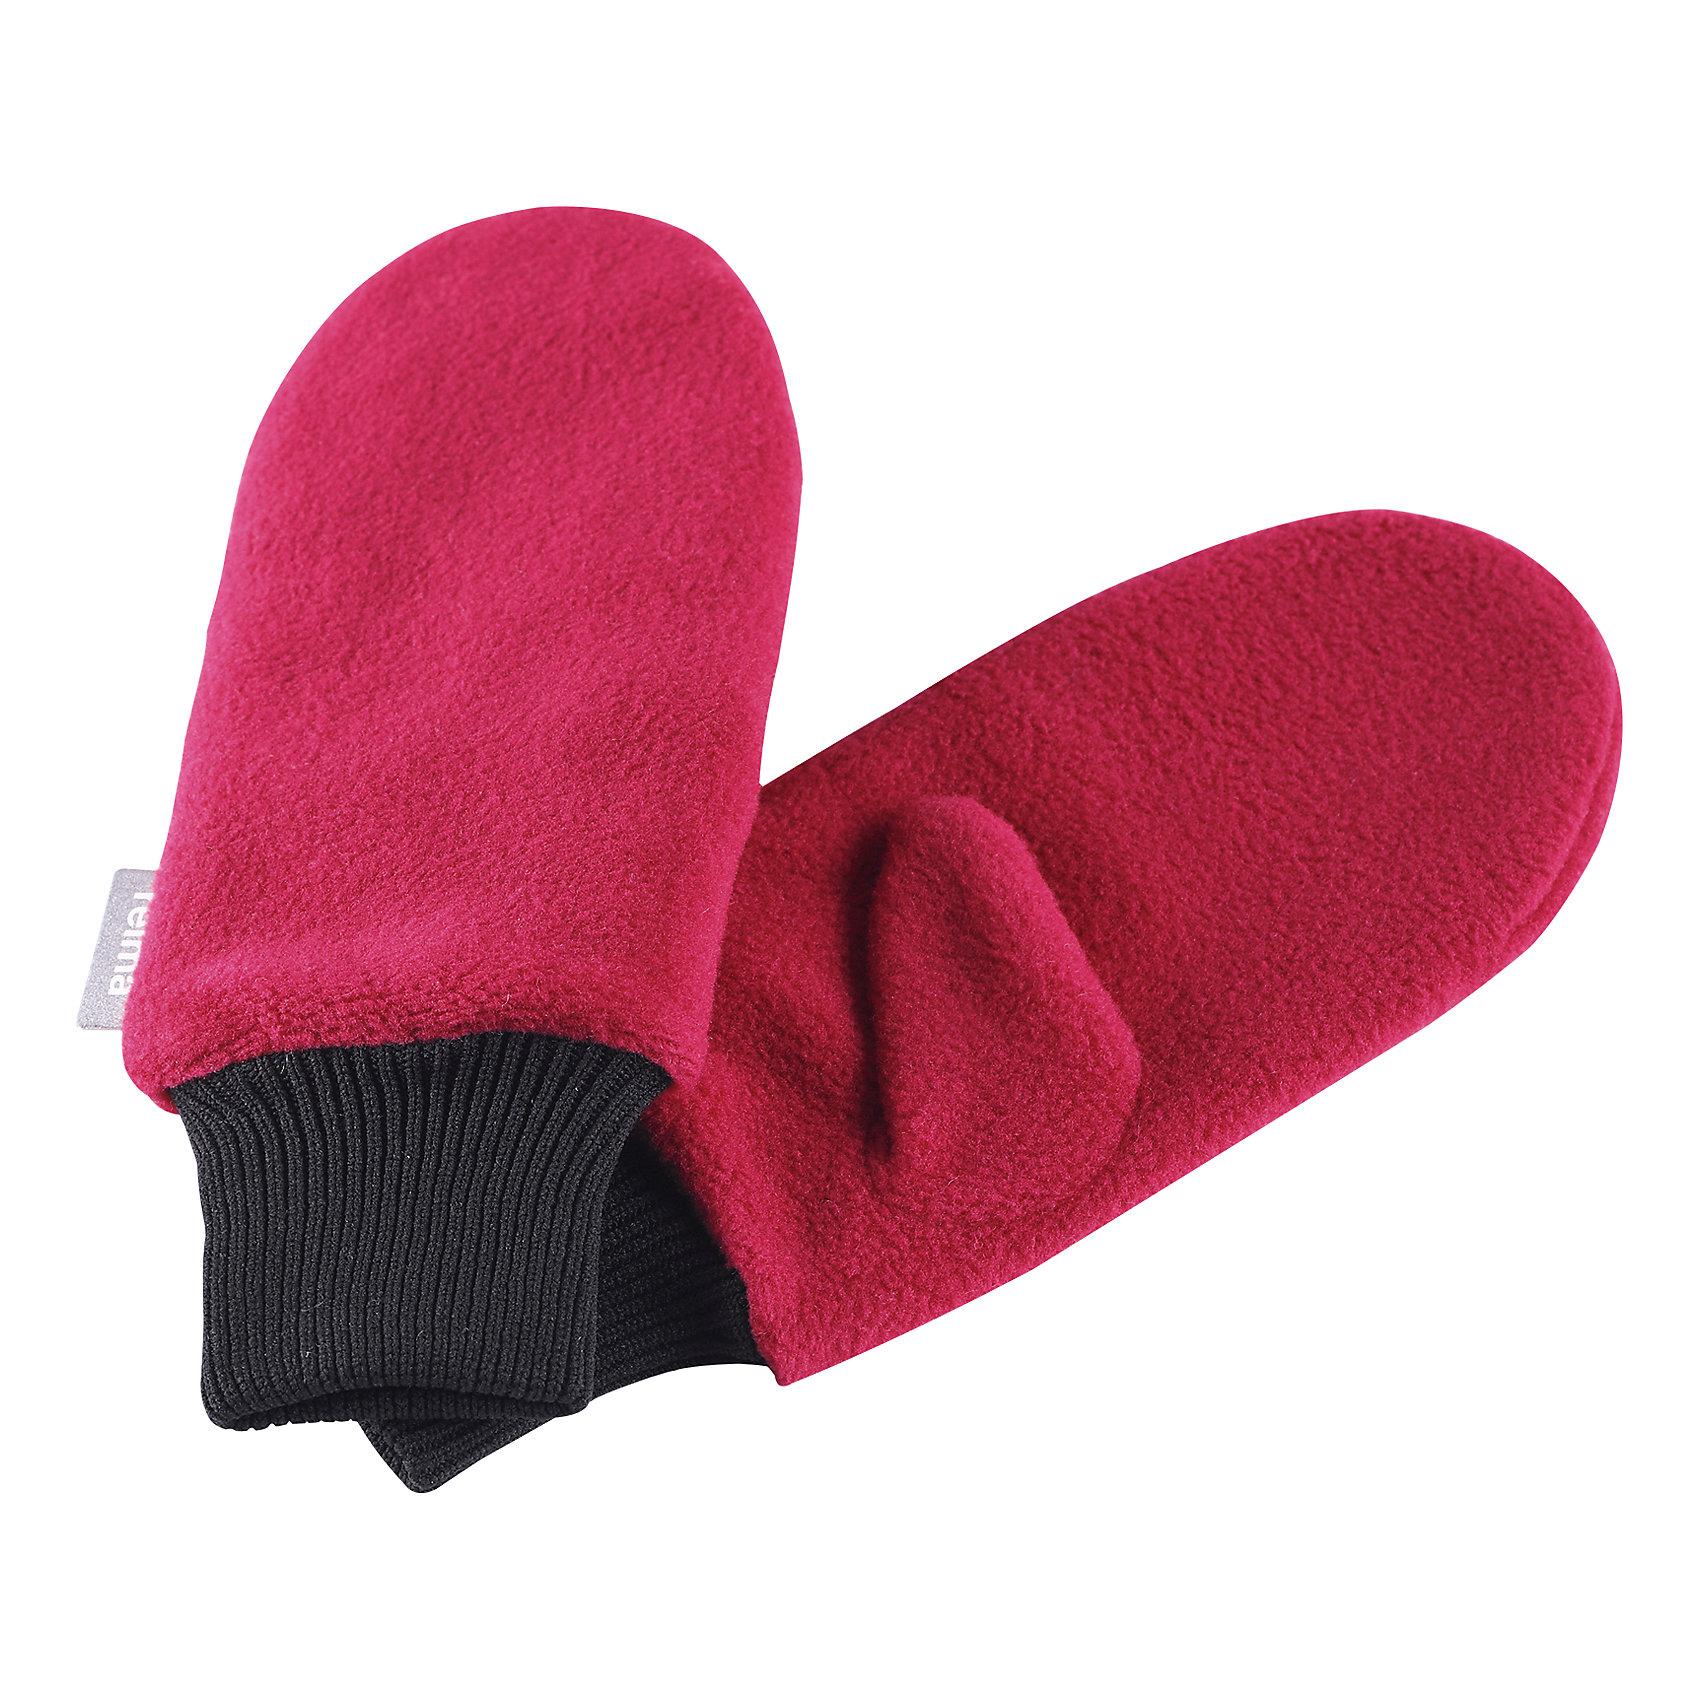 Флисовые варежки Reima RasaПерчатки, варежки<br>Характеристики товара:<br><br>• цвет: розовый;<br>• состав: 100% полиэстер;<br>• сезон: зима;<br>• выводят влагу наружу;<br>• дышащий, теплый и быстросохнущий флис;<br>• кнопки, чтобы пристегивать перчатки друг у другу на время хранения;<br>• легкий стиль, без подкладки;<br>• эластичный кант на манжетах;<br>• страна бренда: Финляндия;<br>• страна изготовитель: Китай.<br><br>Мягкие и удобные детские варежки из флиса. Теплый, дышащий и быстросохнущий флисовый материал отводит влагу. Облегченная модель без подкладки превосходно подойдет для поддевания под непромокаемые варежки в морозную погоду. Удобная резинка. Варежки снабжены кнопкой и пристегиваются друг к другу для хранения.<br><br>Флисовые варежки Reima Rasa  от финского бренда Reima (Рейма) можно купить в нашем интернет-магазине.<br><br>Ширина мм: 162<br>Глубина мм: 171<br>Высота мм: 55<br>Вес г: 119<br>Цвет: розовый<br>Возраст от месяцев: 72<br>Возраст до месяцев: 96<br>Пол: Унисекс<br>Возраст: Детский<br>Размер: 5/6,1/2,3/4<br>SKU: 6902151